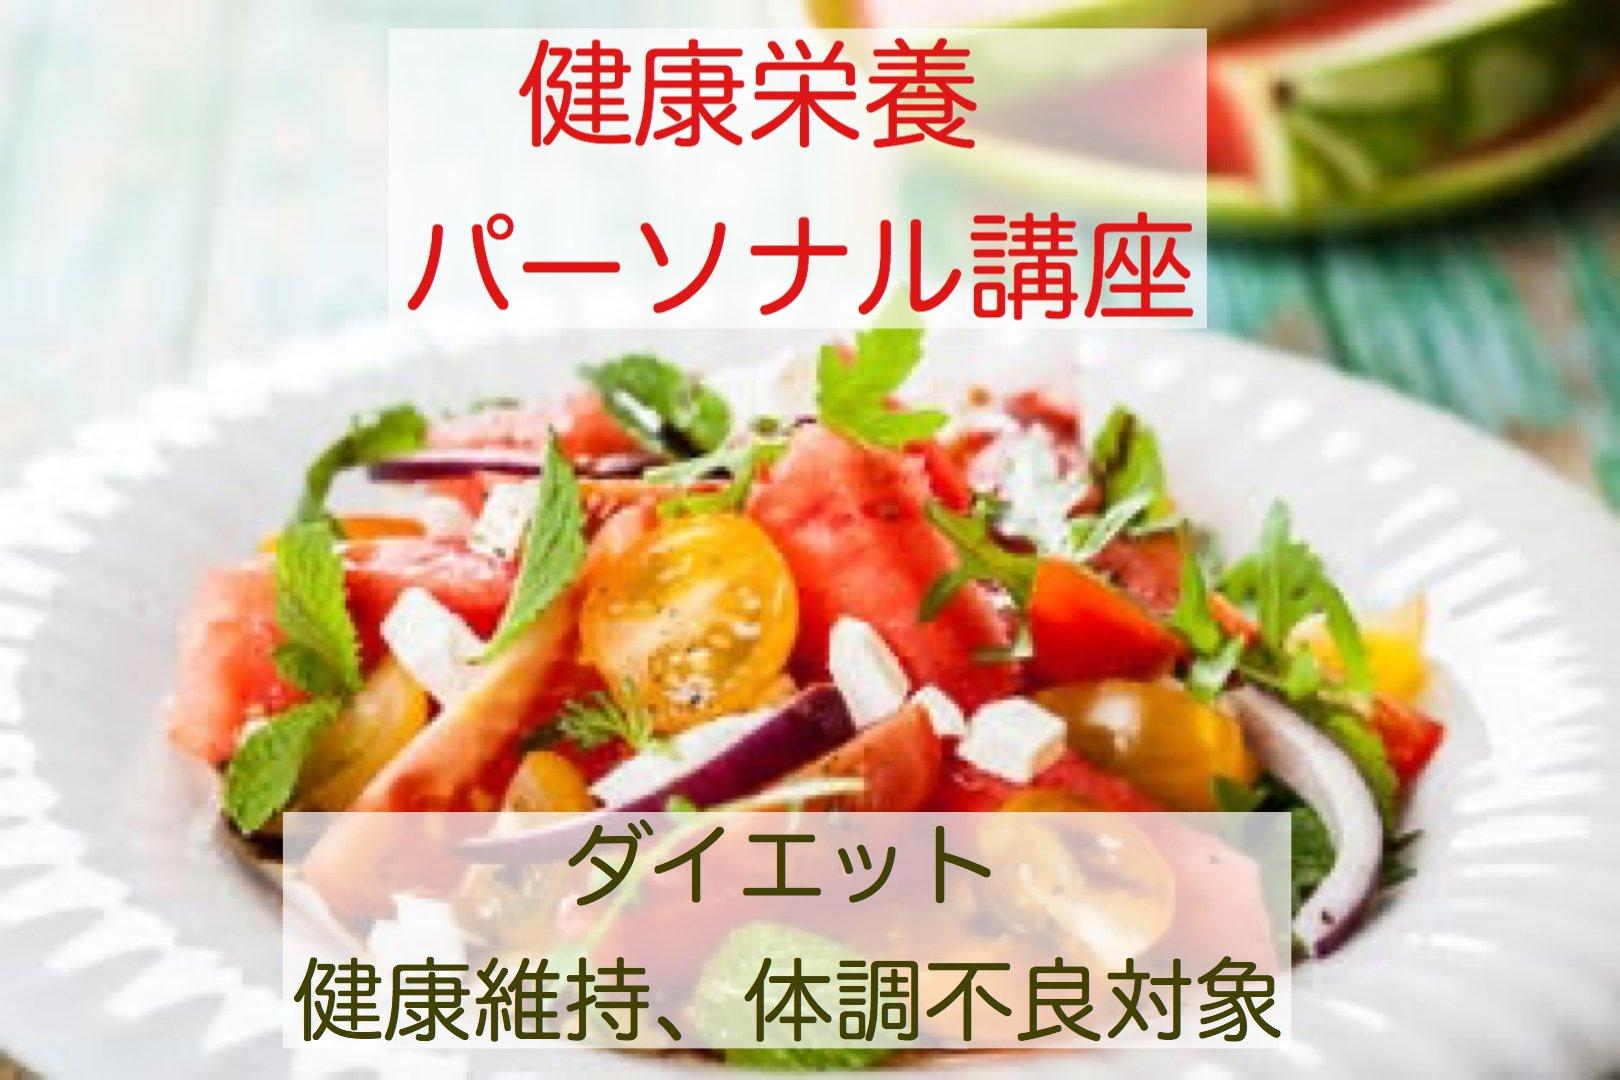 【体質改善・ダイエット・簡単!】健康食事を学ぶ個別講座〜オンライン対応〜のイメージその2